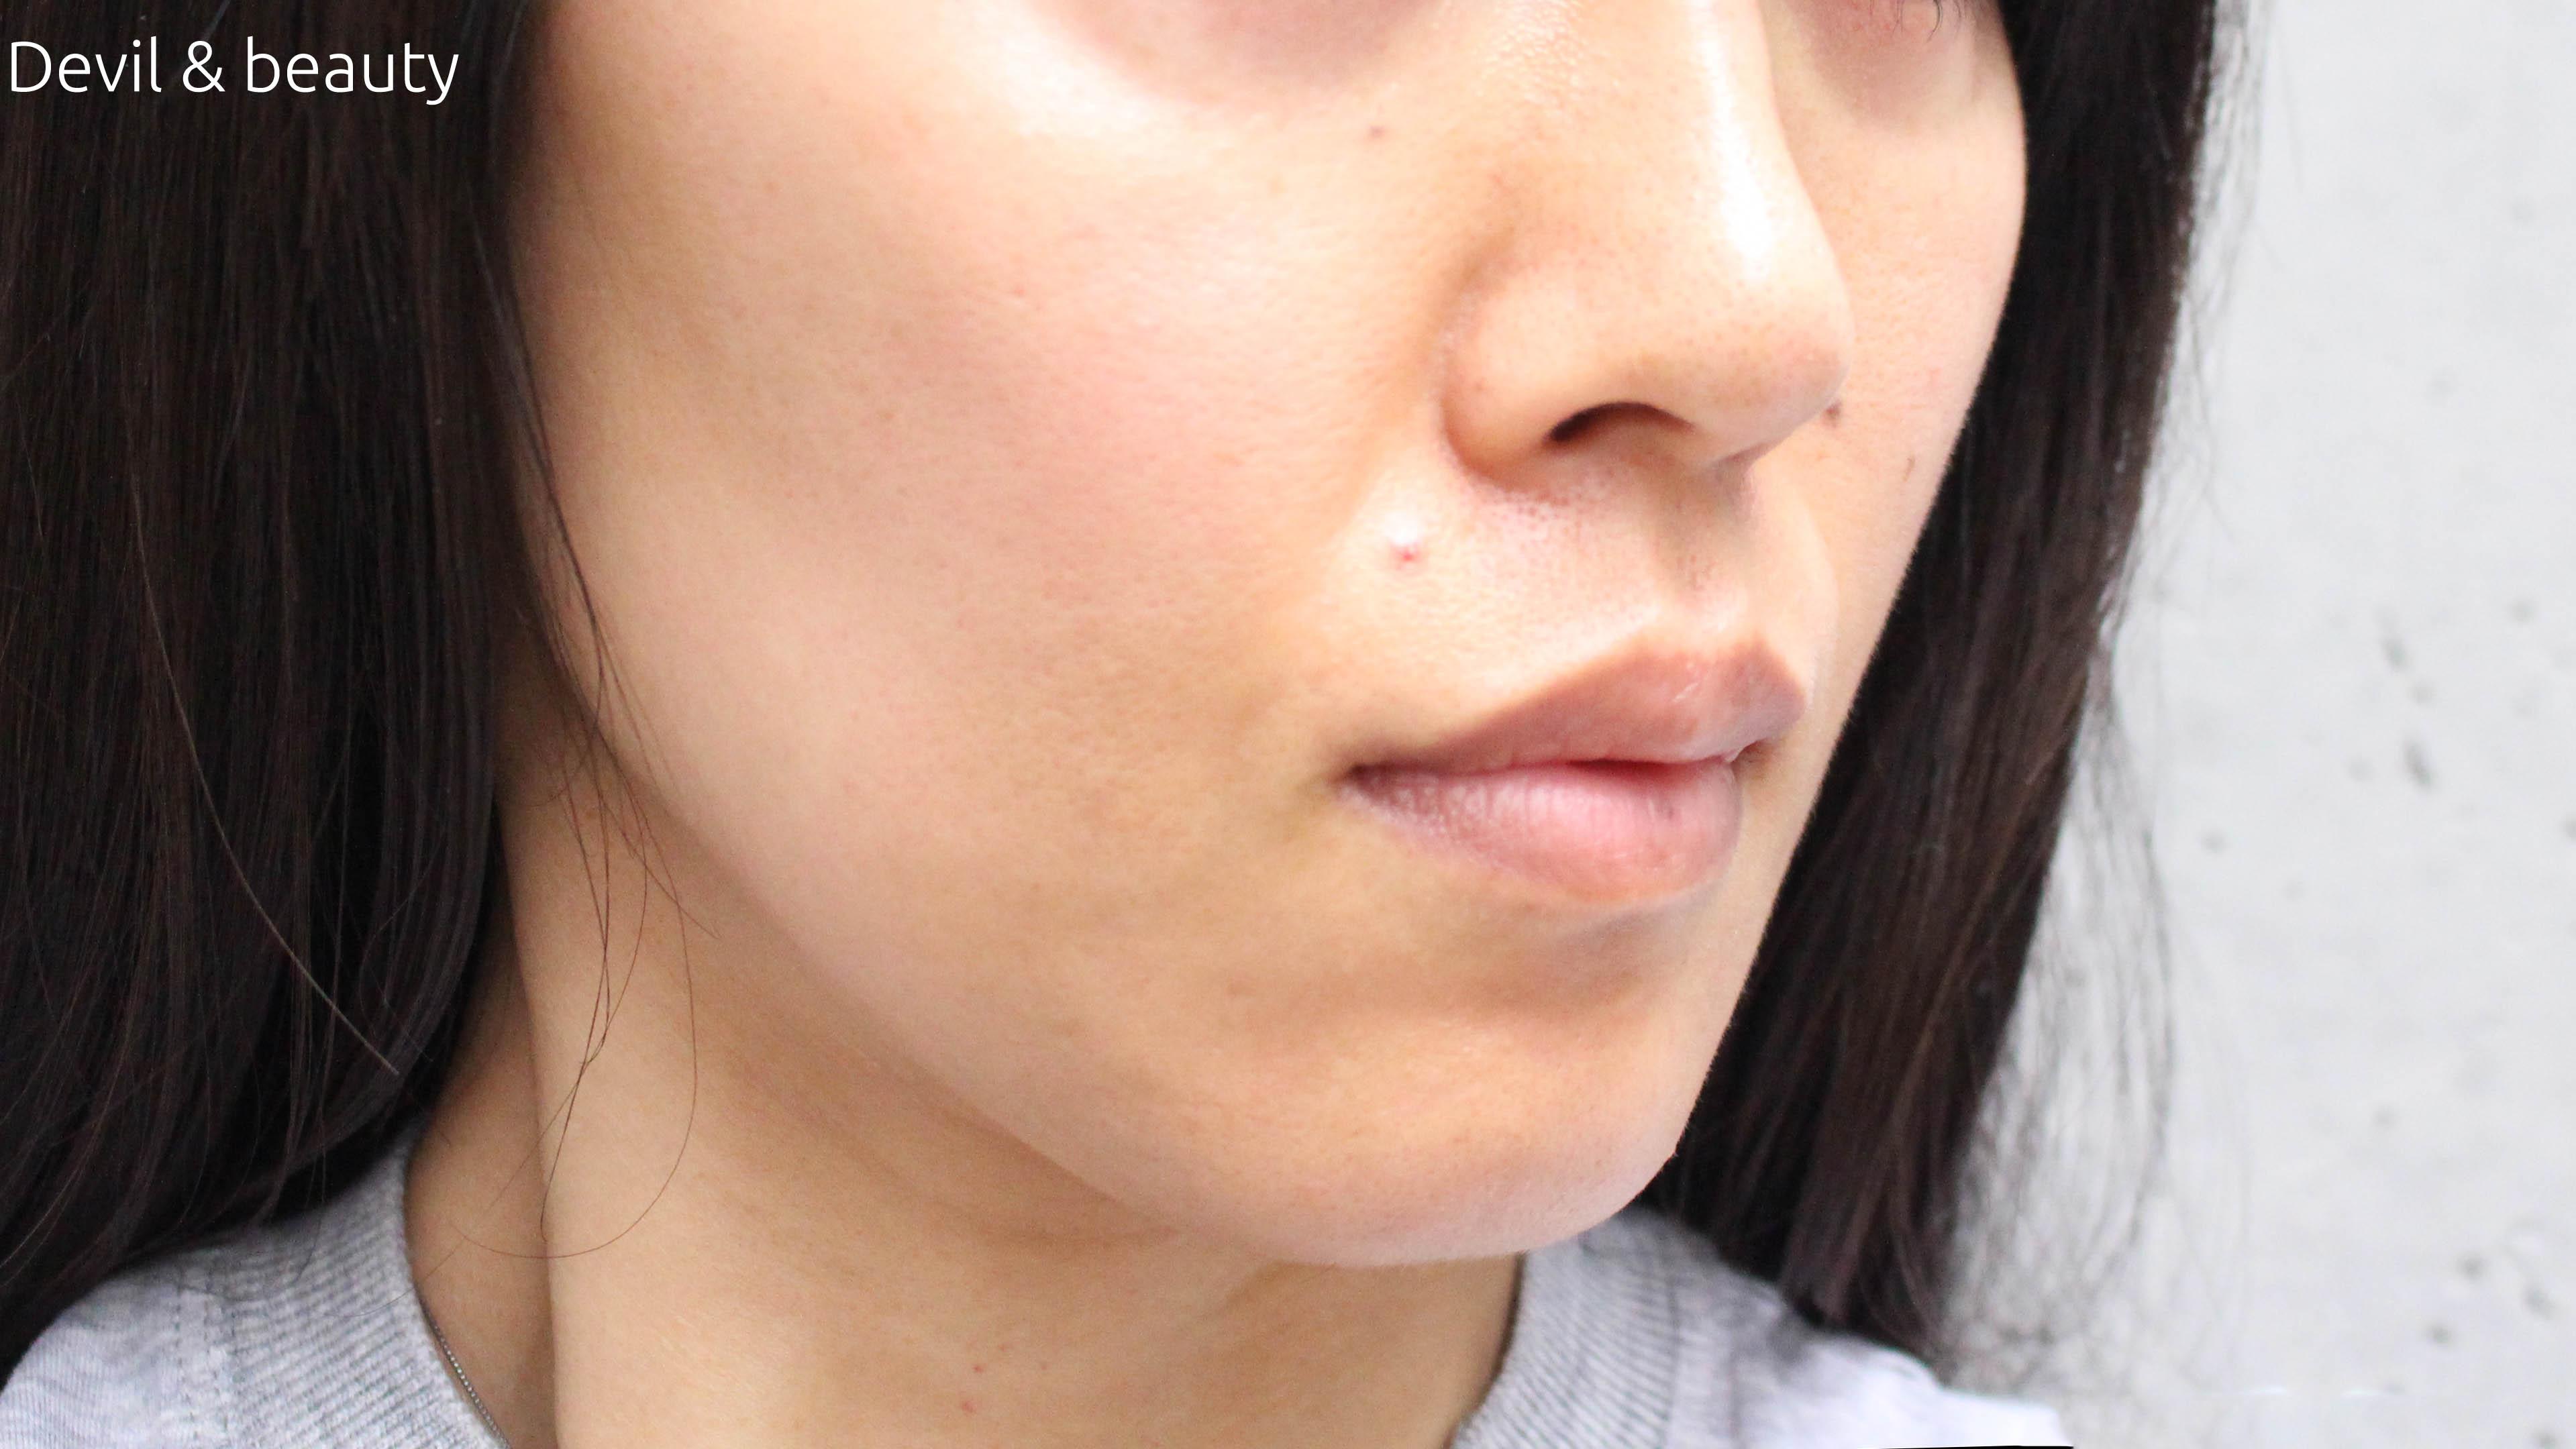 fgf-injection-nasolabial-fold3 - image